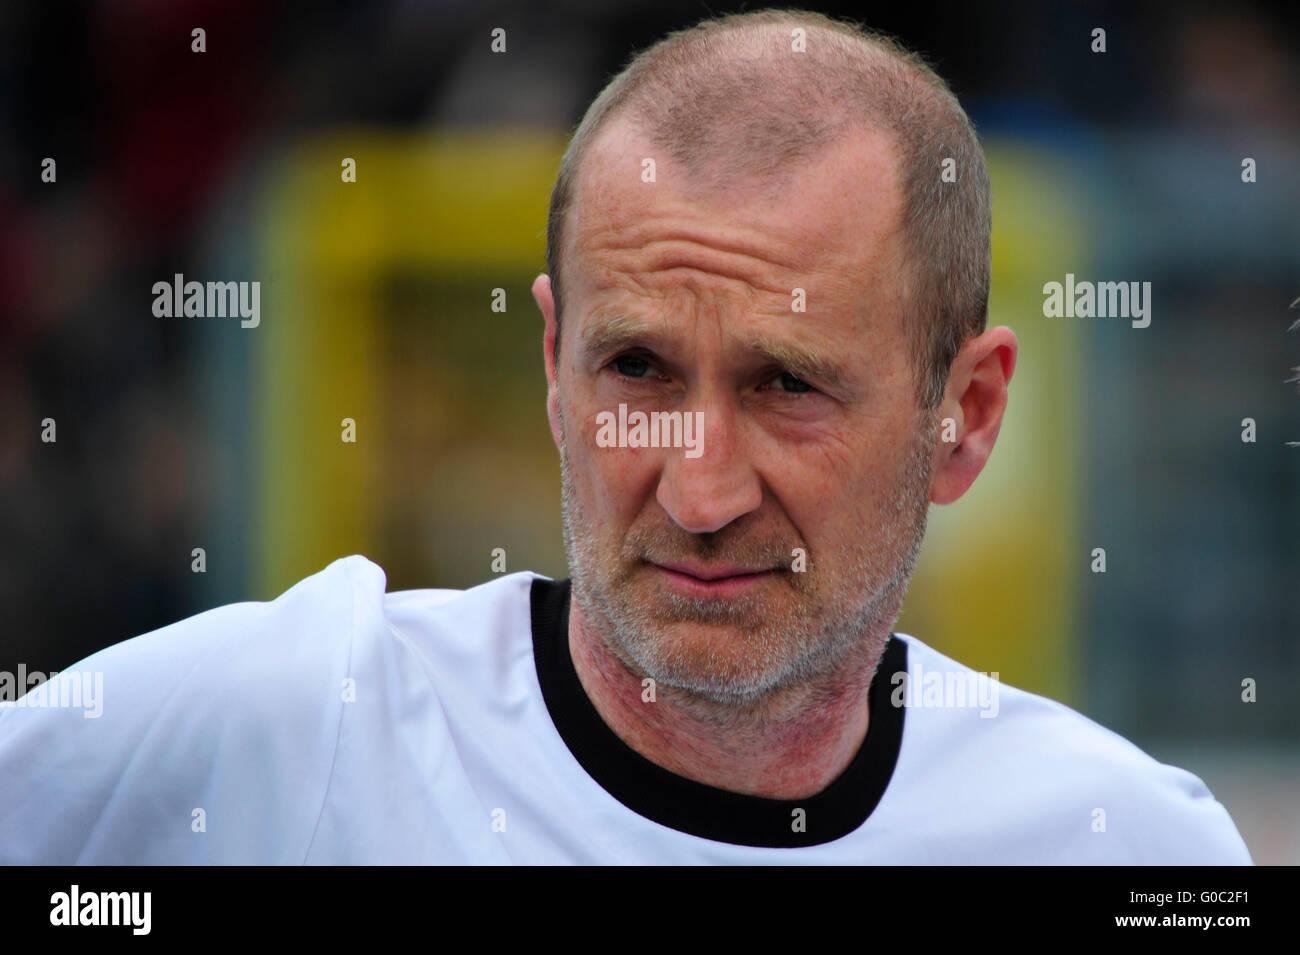 Deutschland, Hamburg, Benefiz-Fußballspiel 'Kicken mit Herz' beim SC Victoria: Schauspieler Peter Lohmeyer. - Stock Image